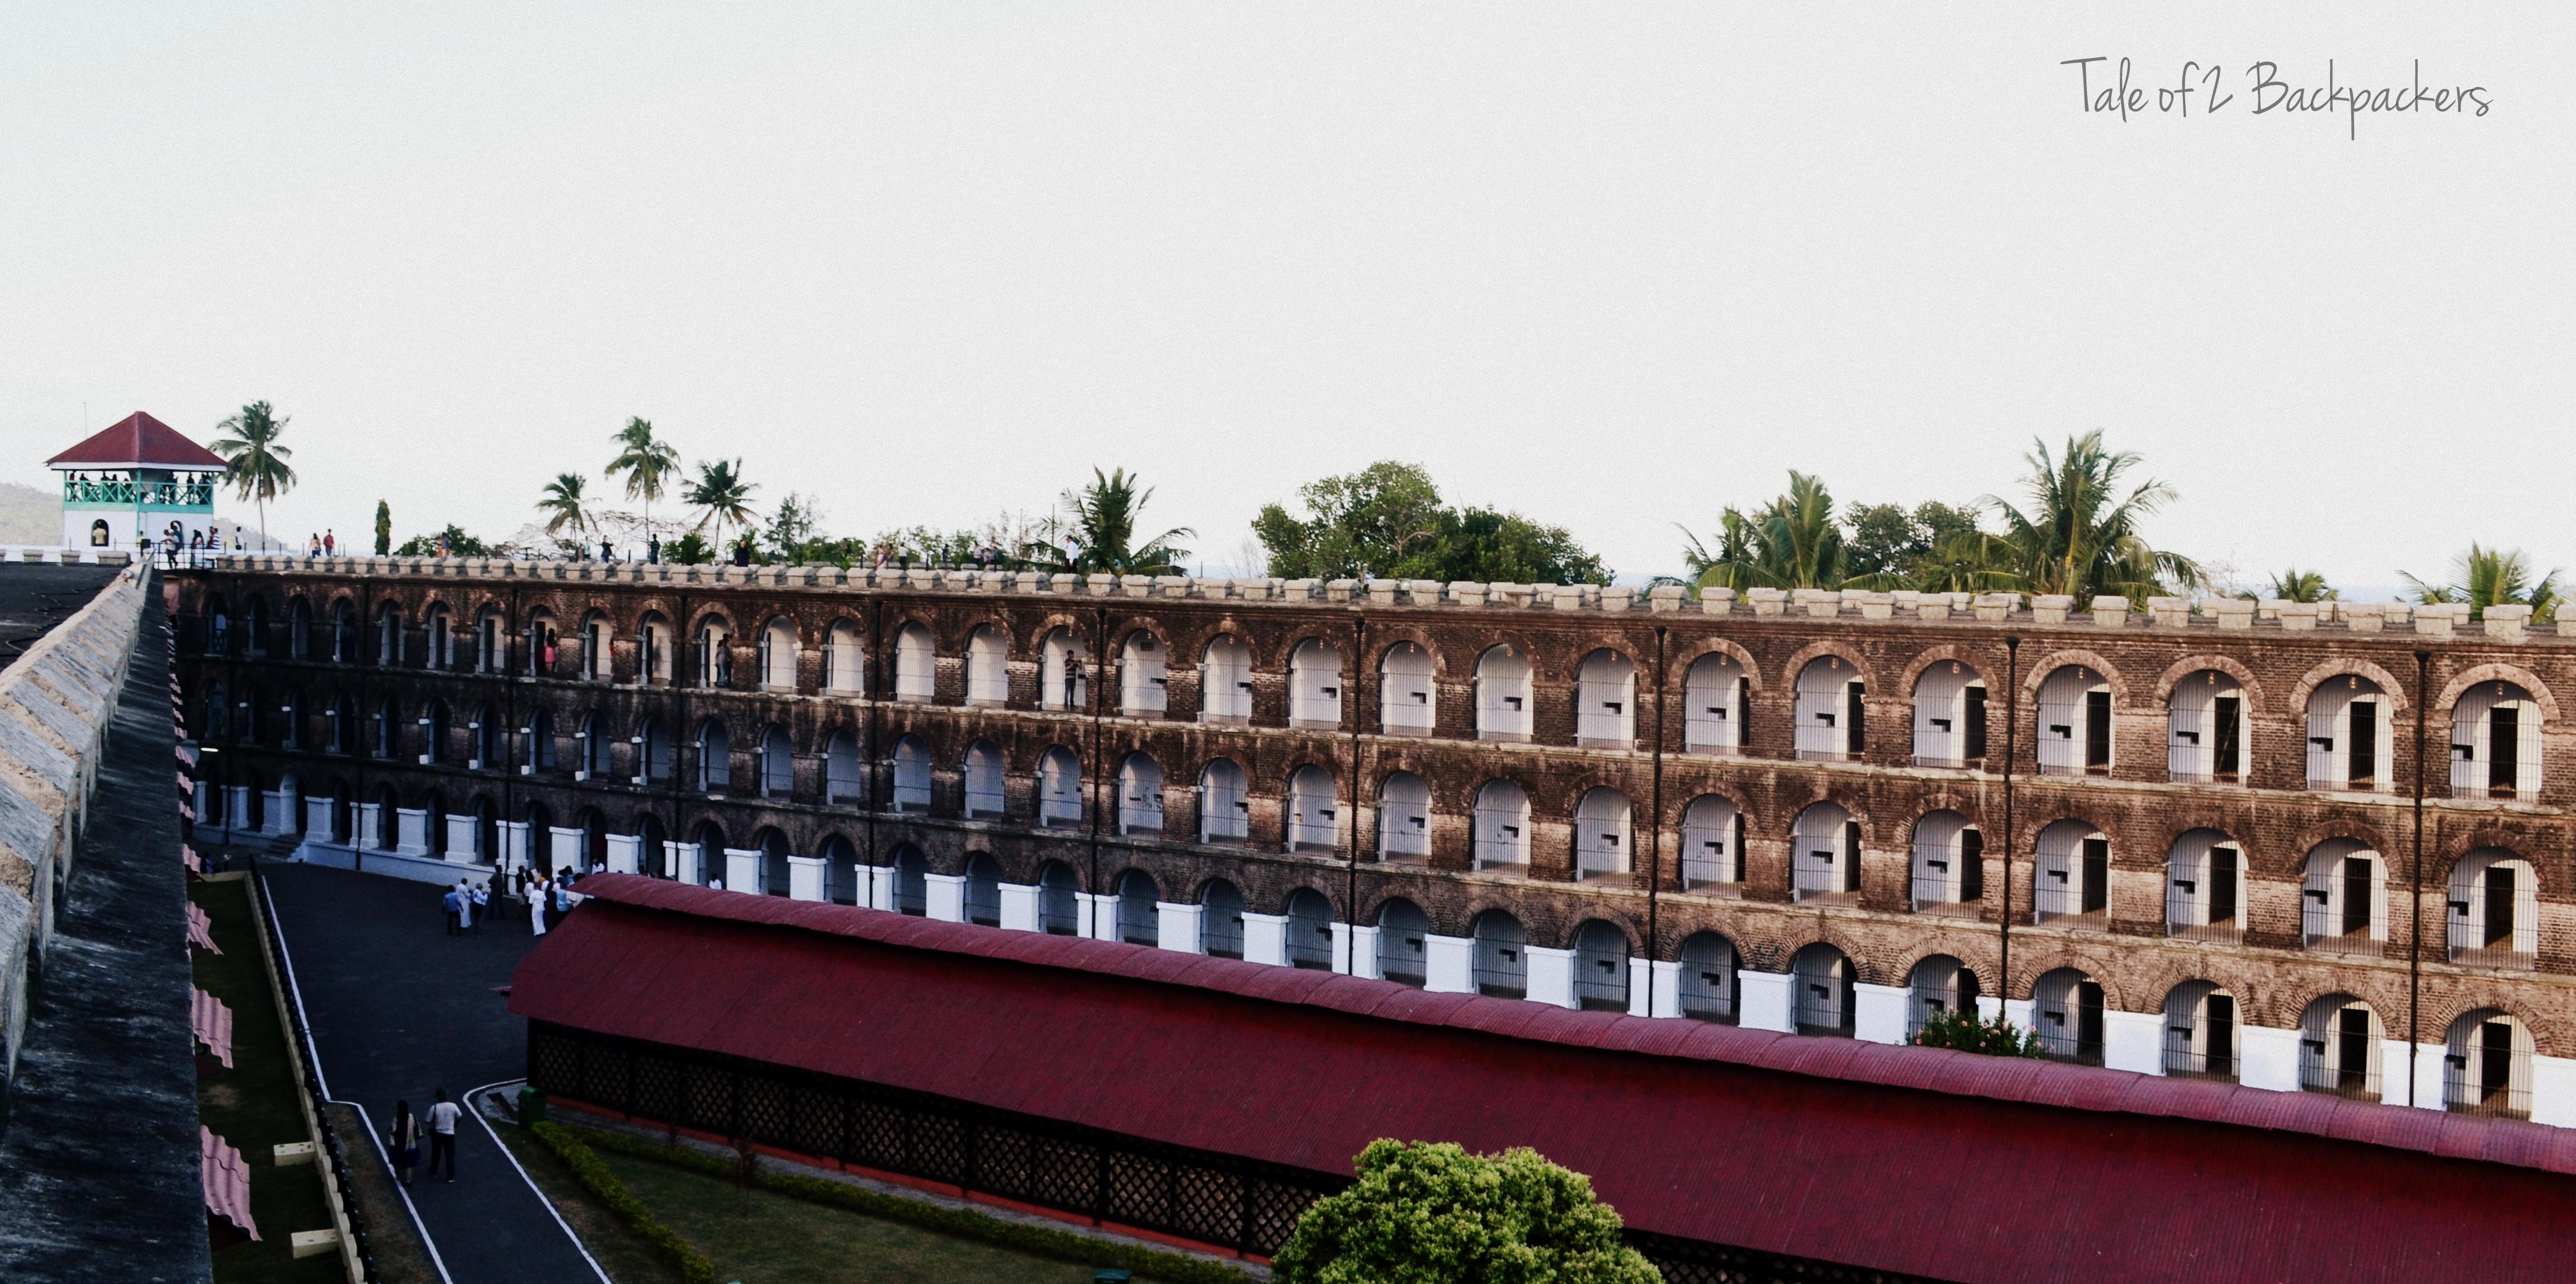 Cellular Jail - Kalapani